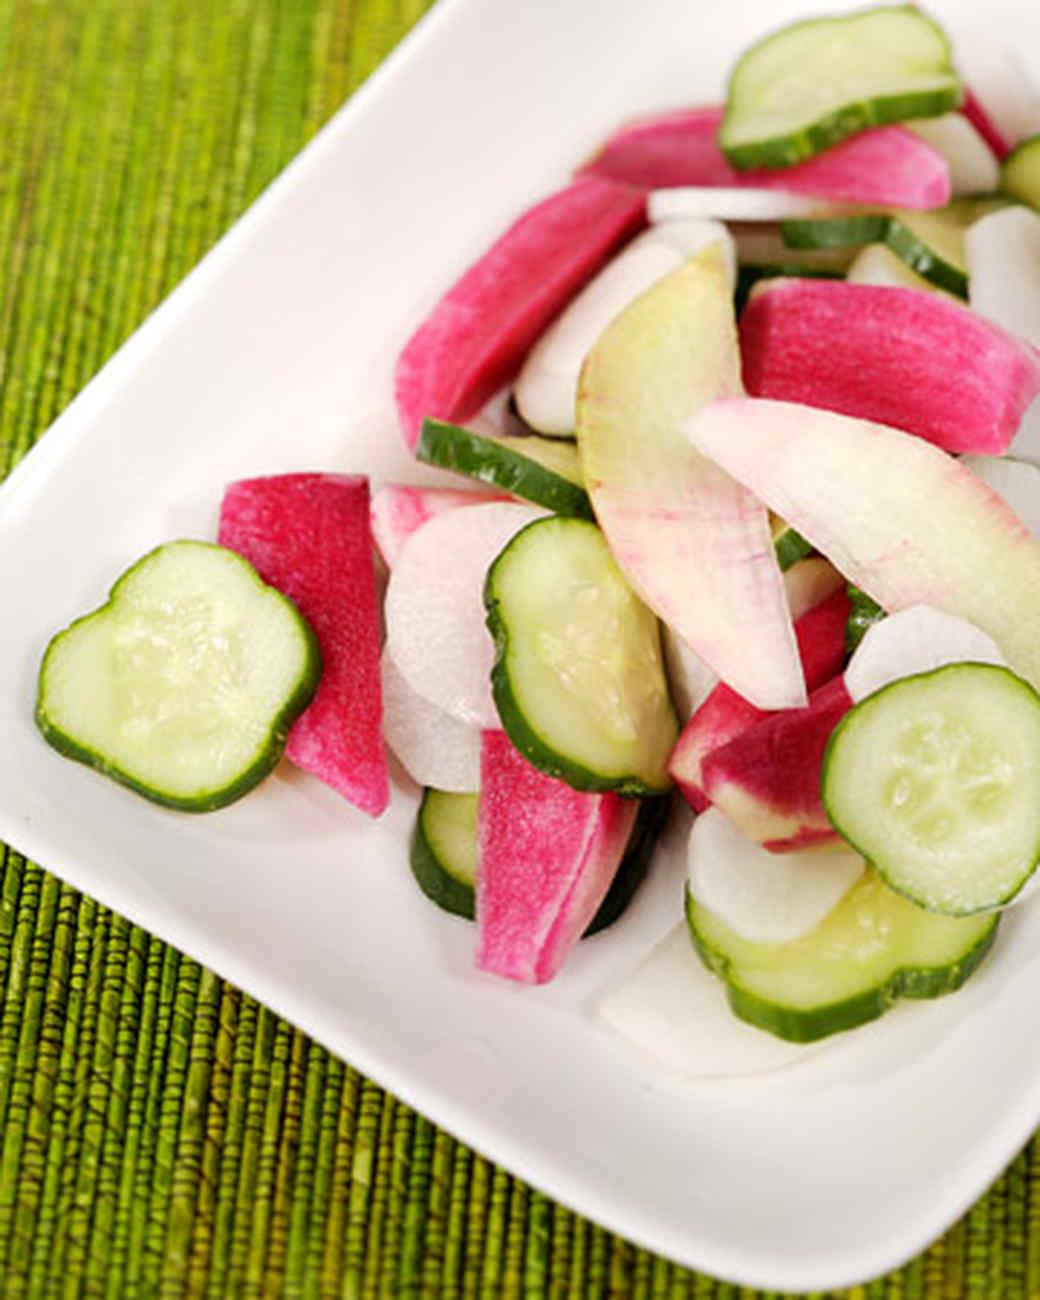 3061_112907_pickles.jpg